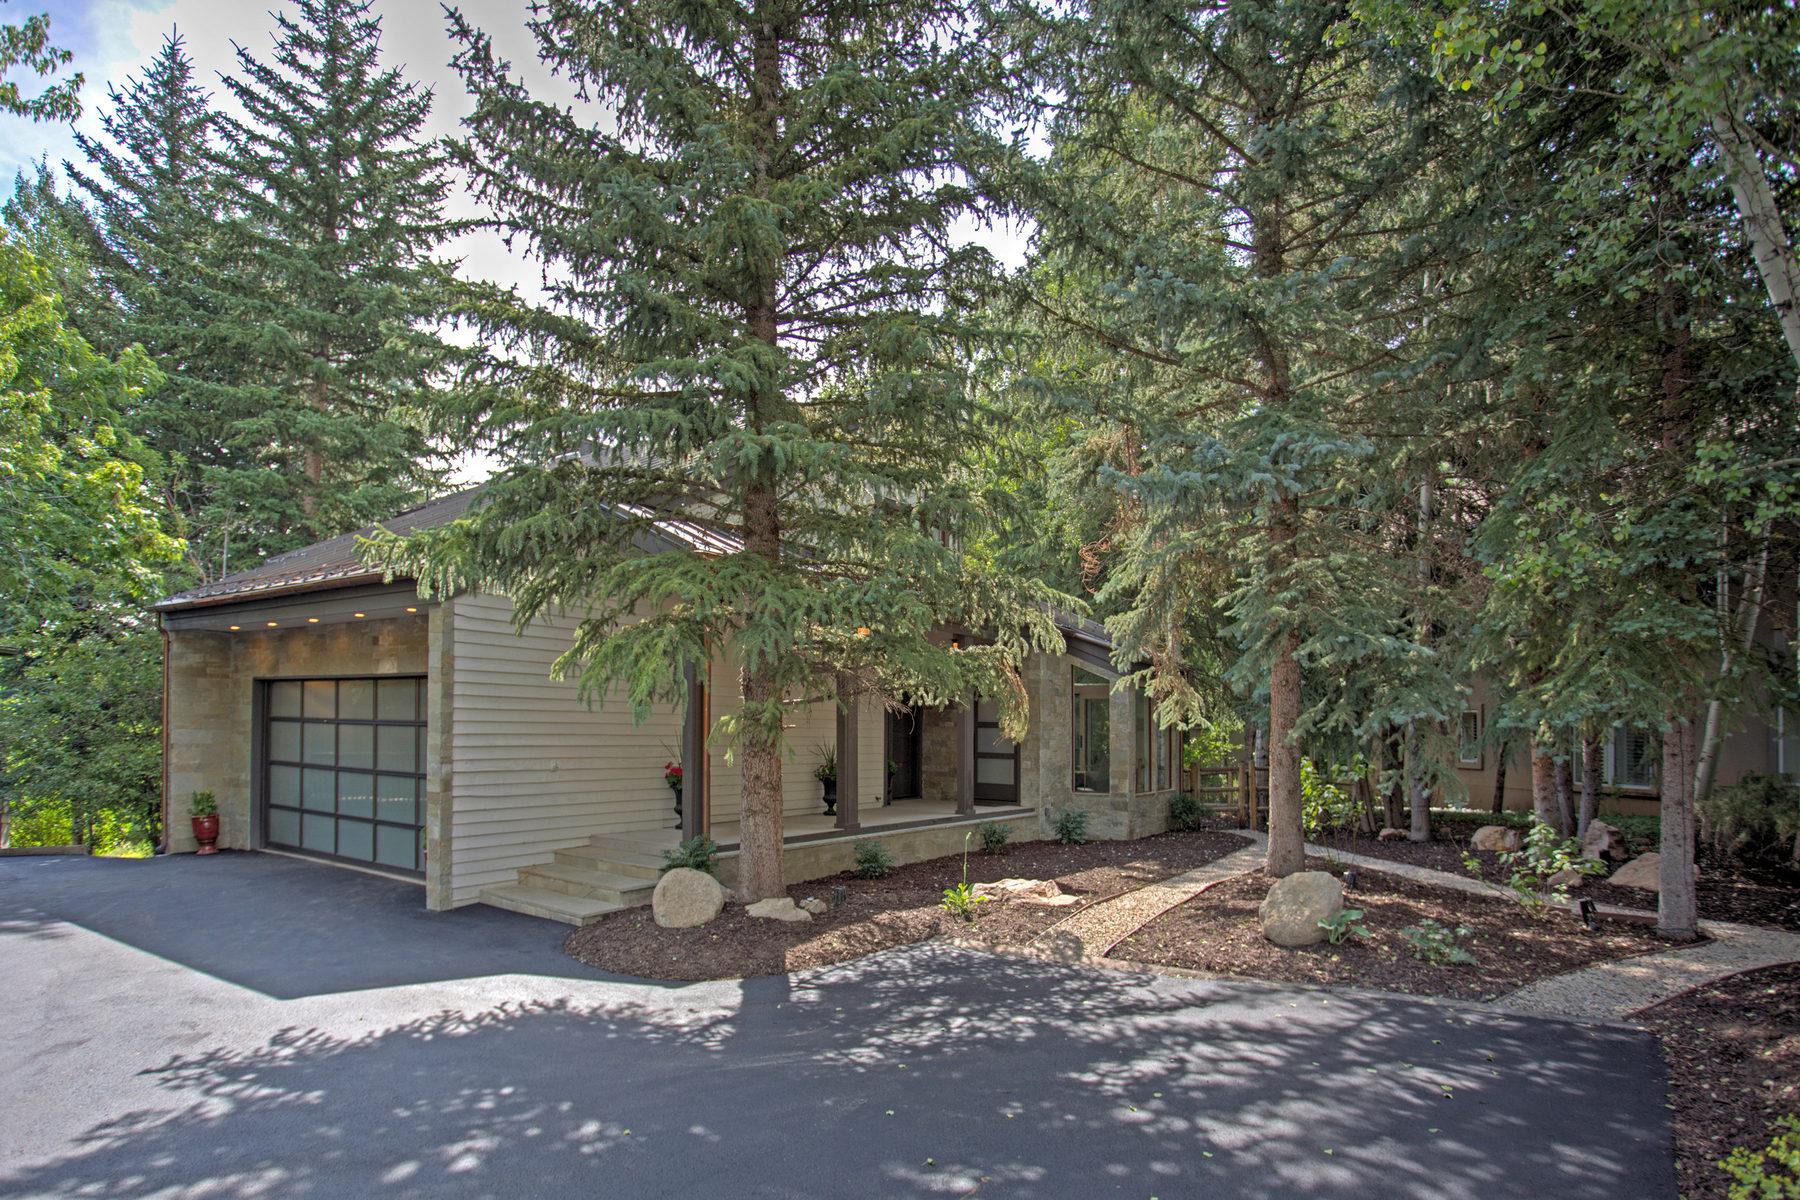 Casa Unifamiliar por un Venta en Stunning Remodel on the Golf Course 2307 Morning Star Park City, Utah 84060 Estados Unidos